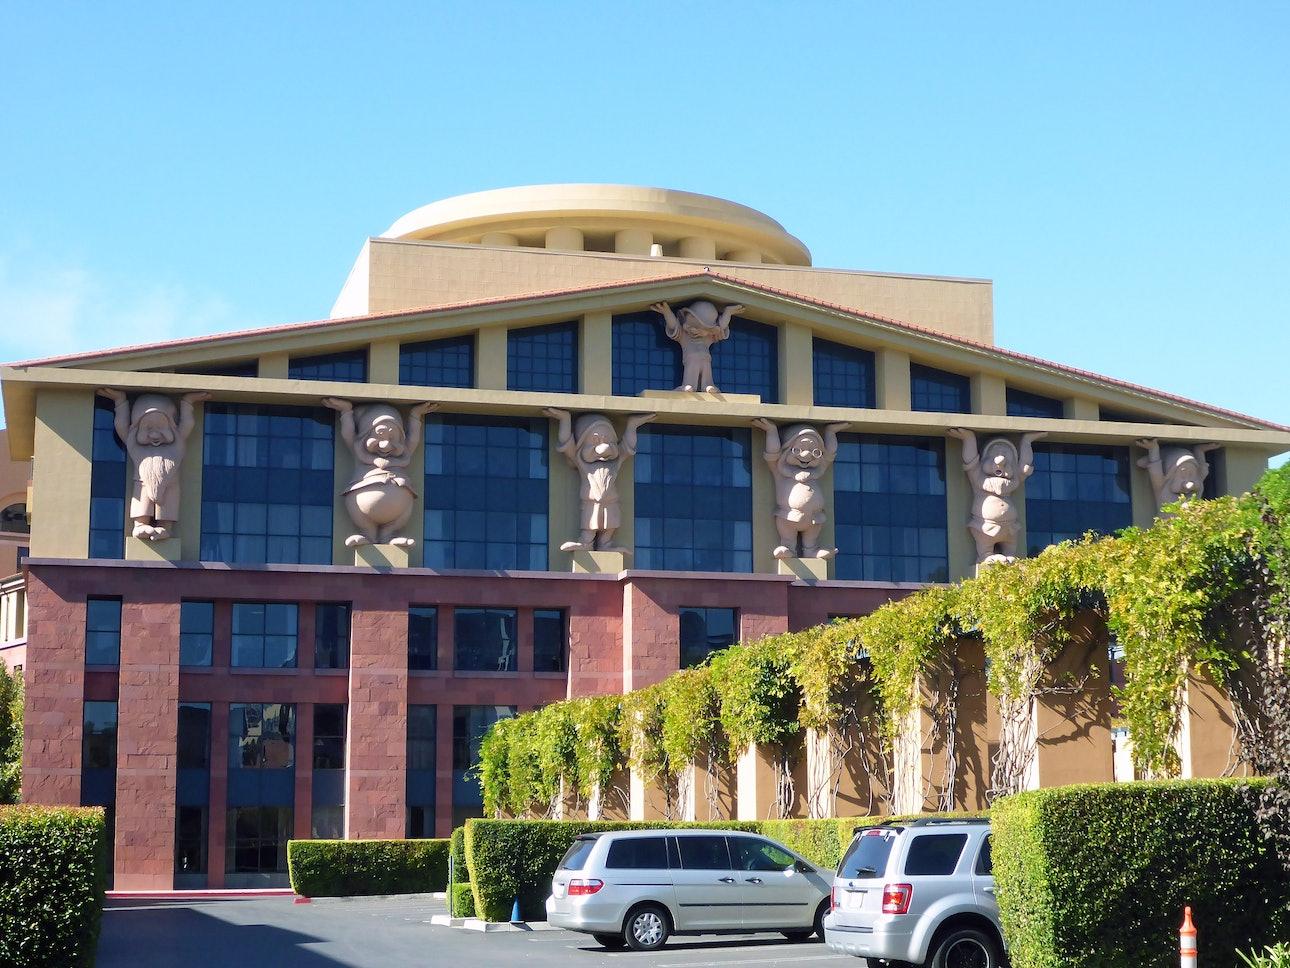 Здание Дисней в Калифорнии архитектура постмодернизм гномы